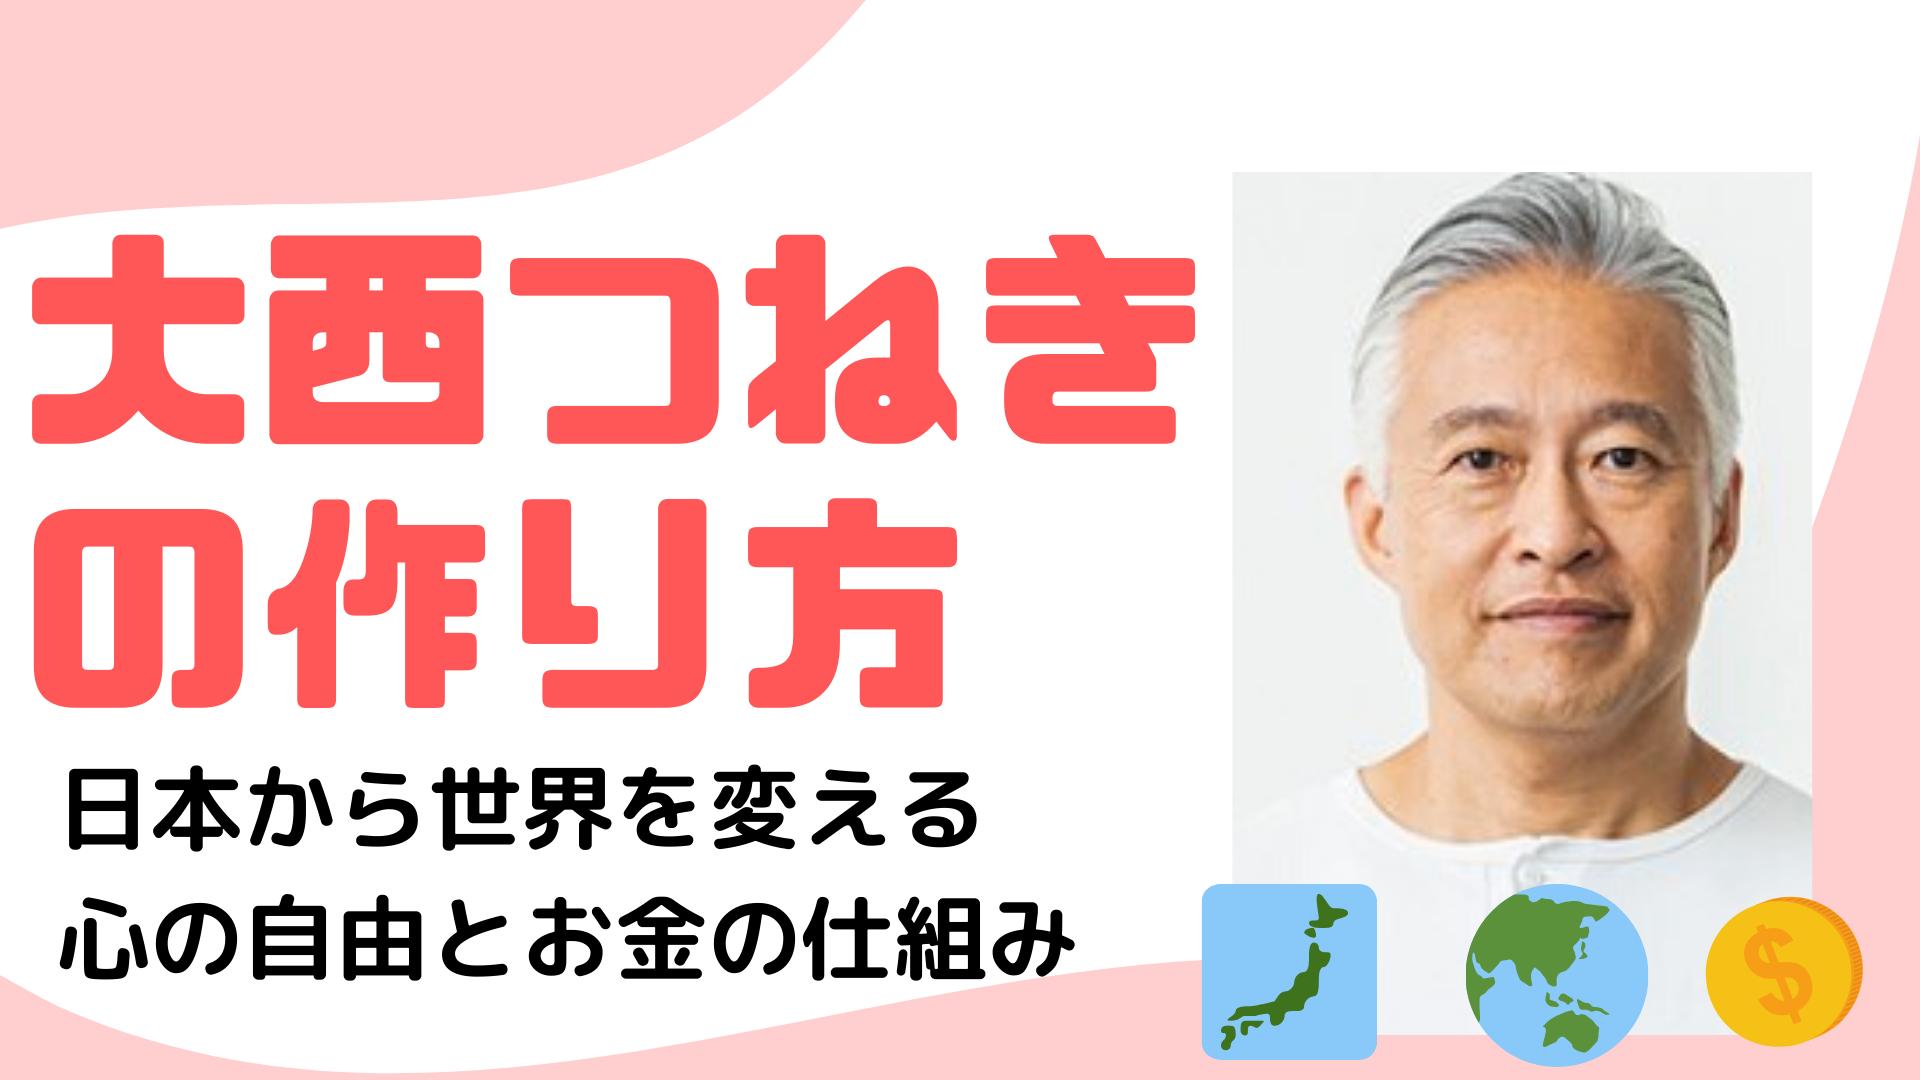 大西つねきの作り方 日本から世界を変える 心の自由とお金の仕組み